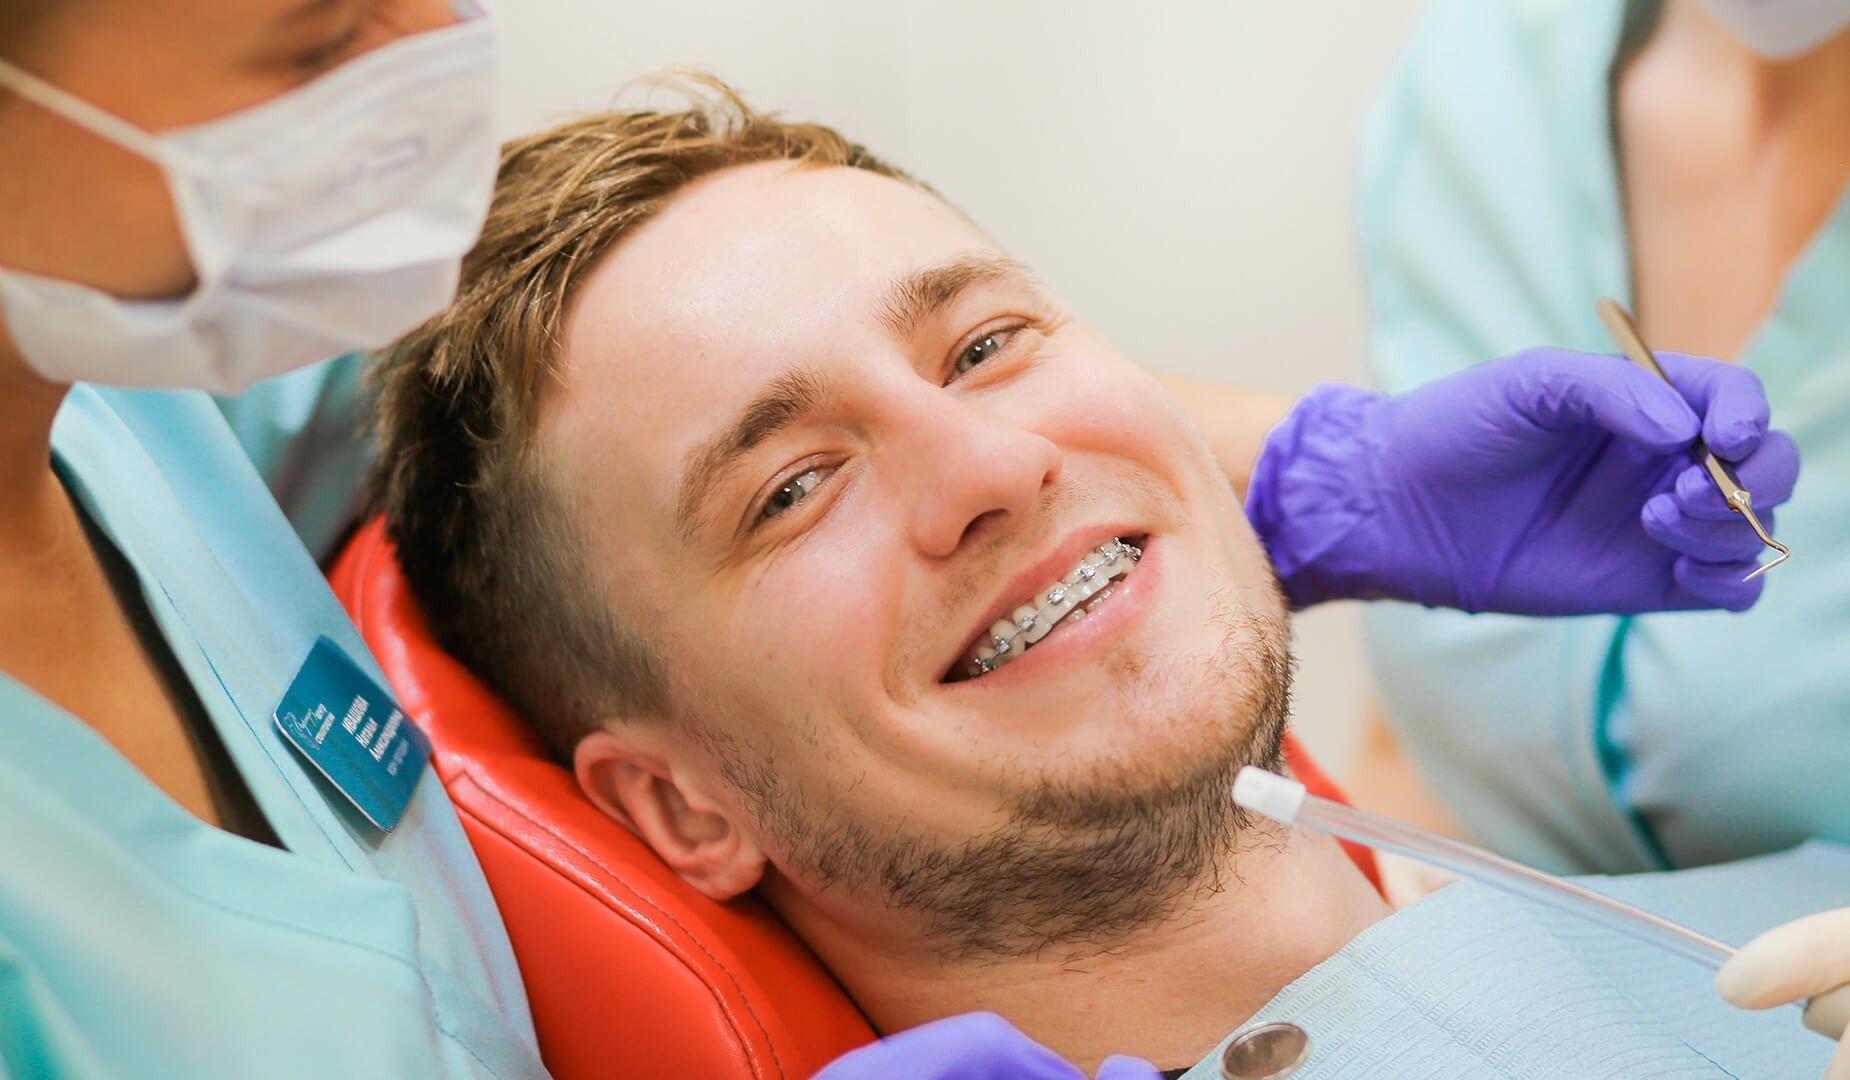 Довольный пациент с красивой улыбкой